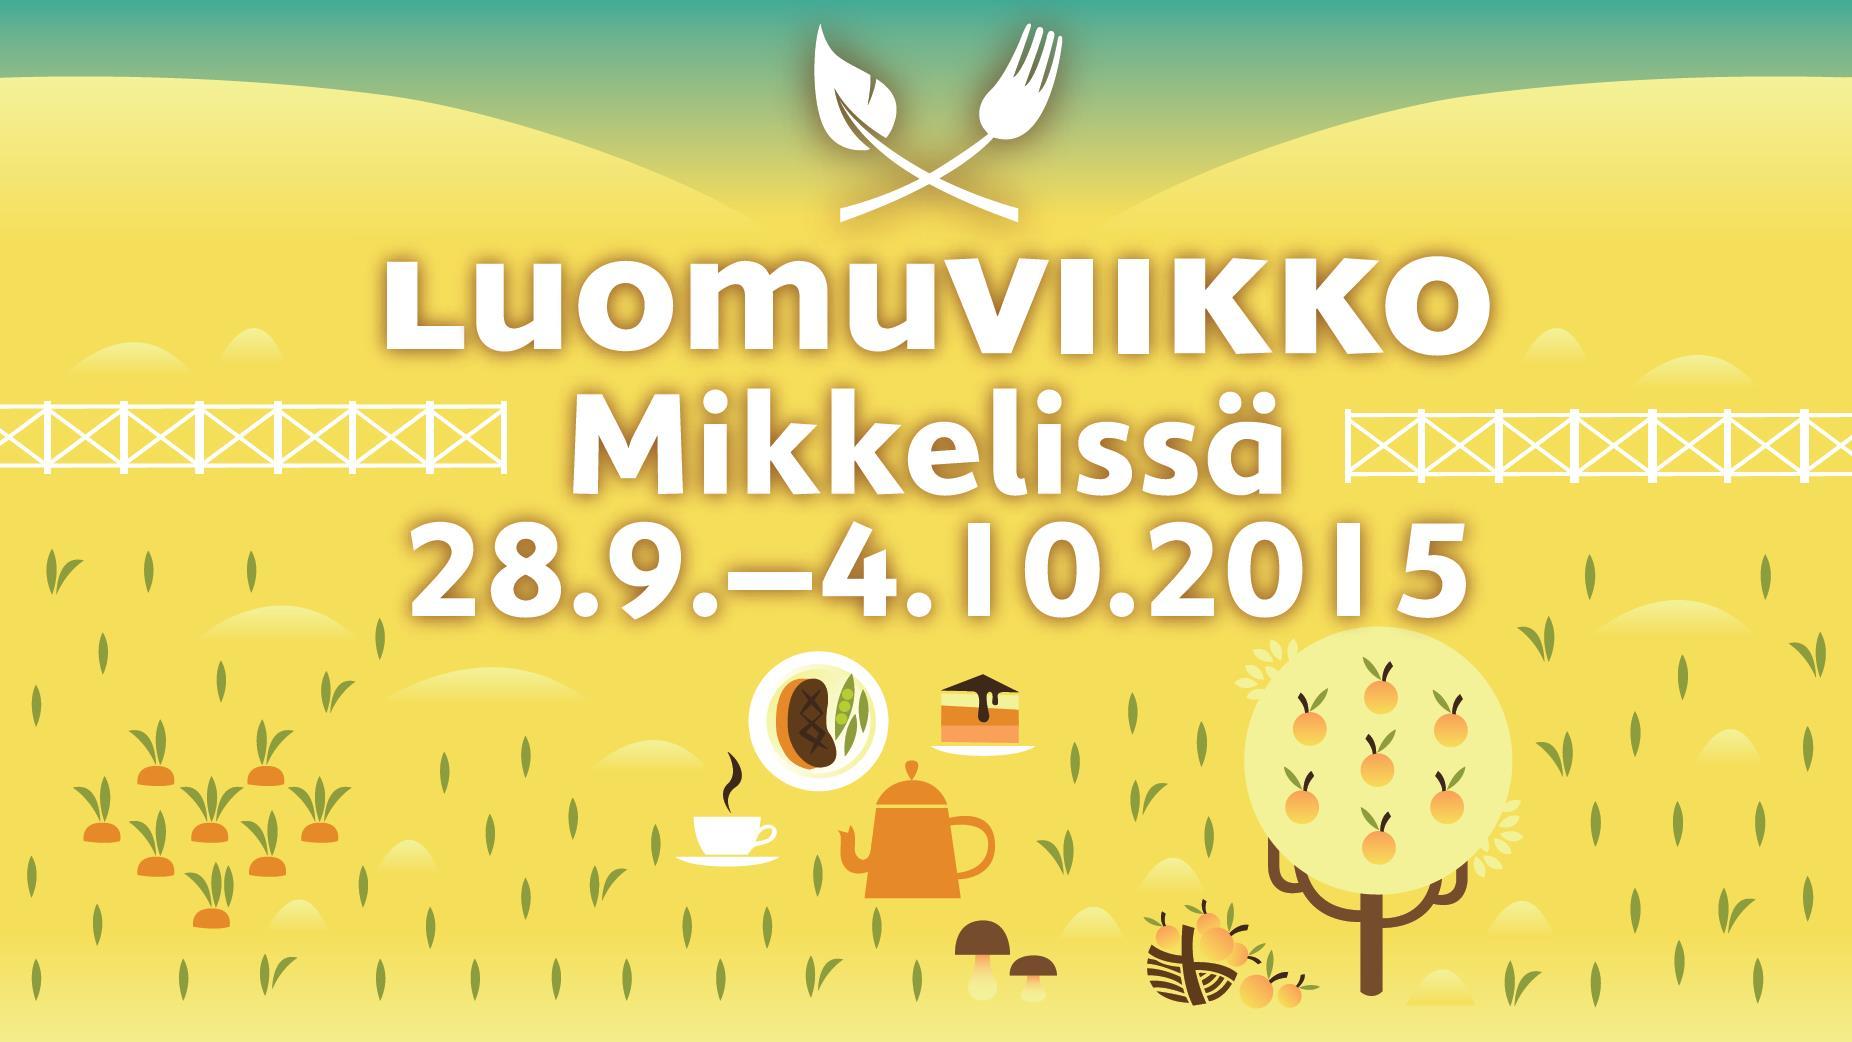 Luomuviikko_2015_banneri.jpg